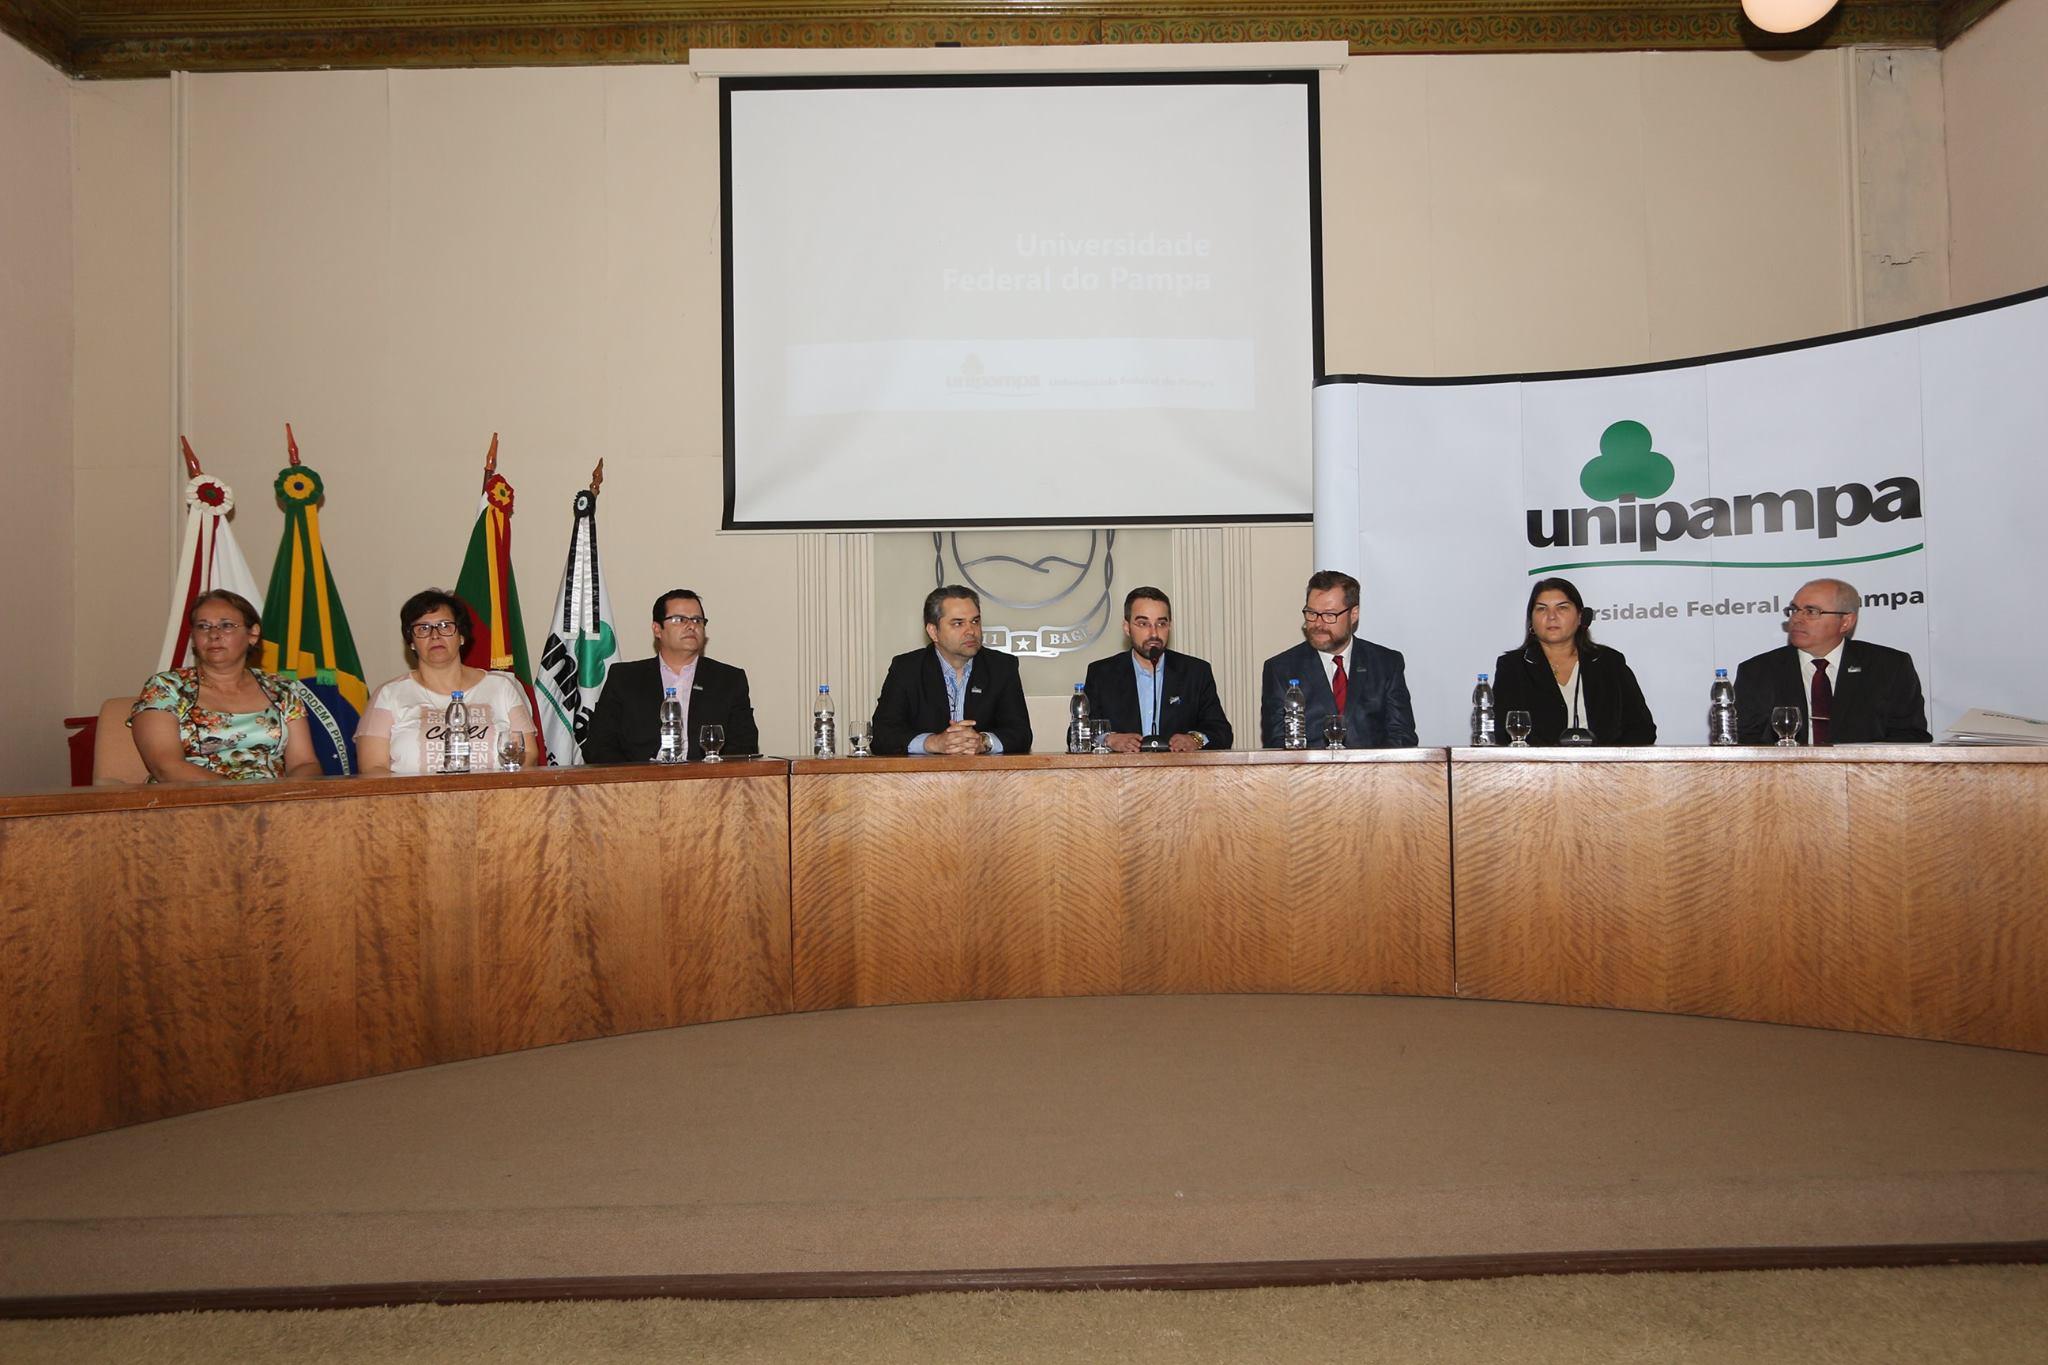 Autoridades acadêmicas prestigiaram a cerimônia. Fotos: Fernando Cruz/Unipampa